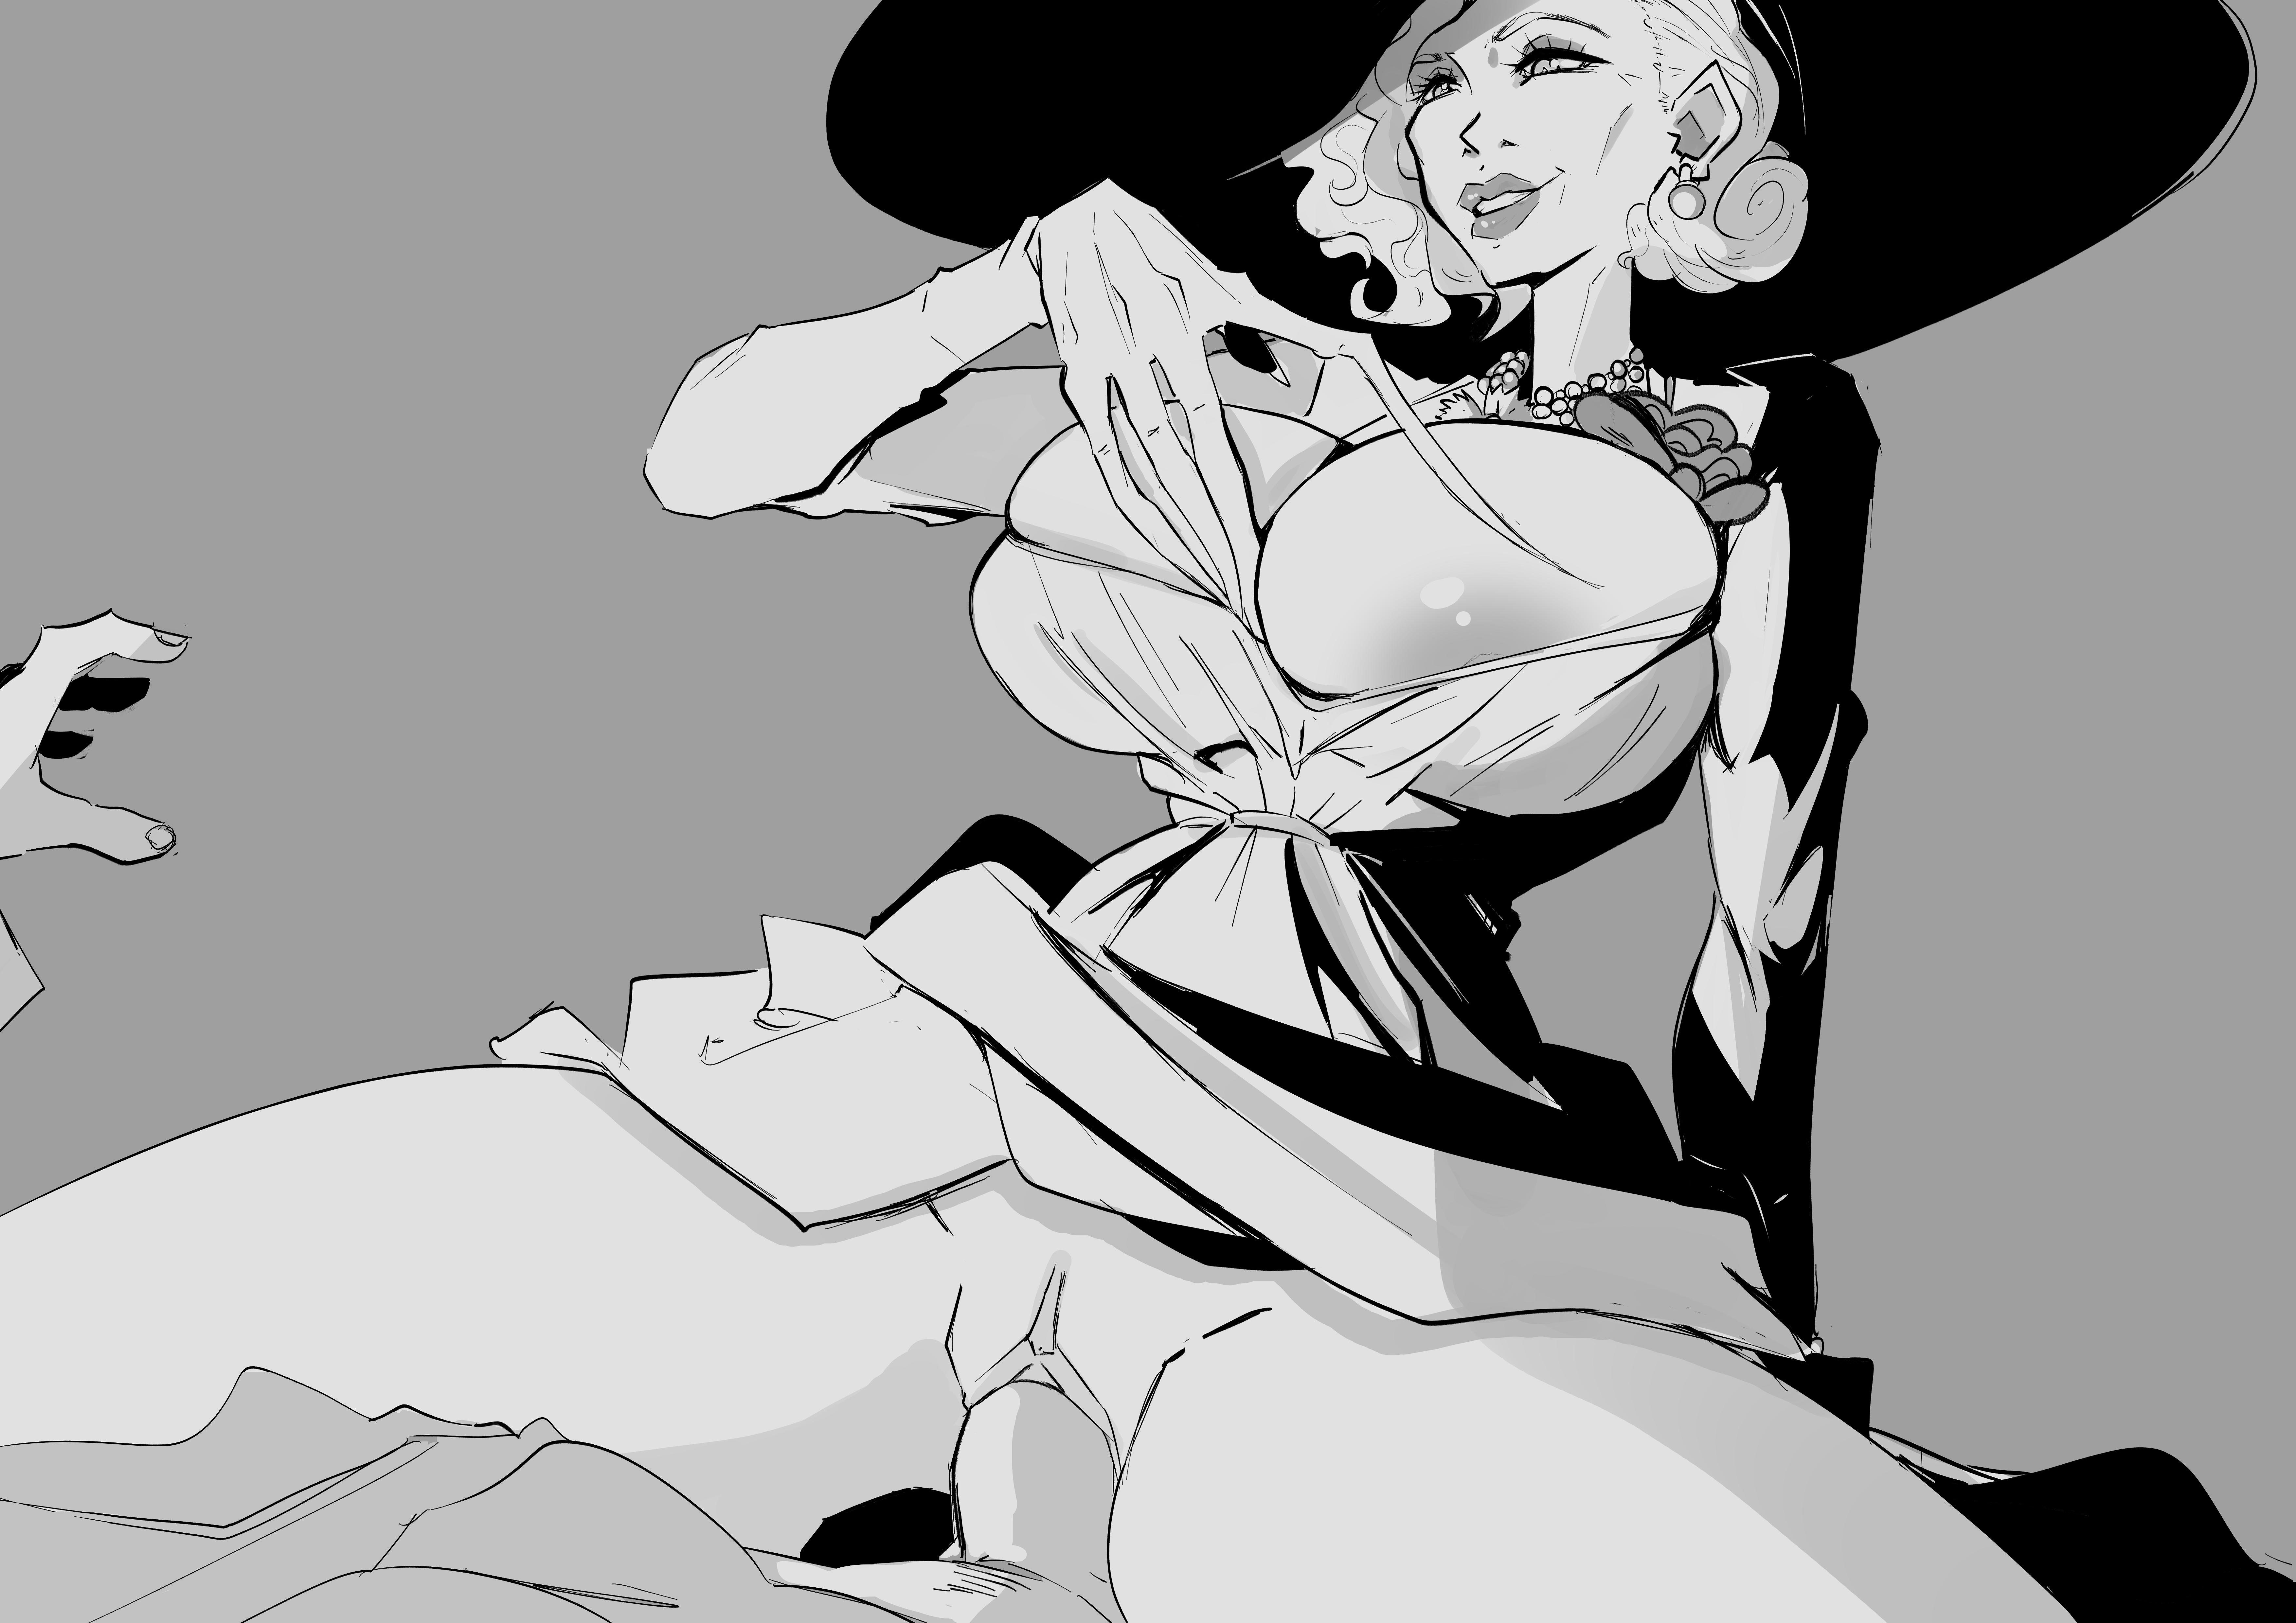 Olga-Resident-Evil-8-Village-Rule-34-Fan-Art-Gallery-4